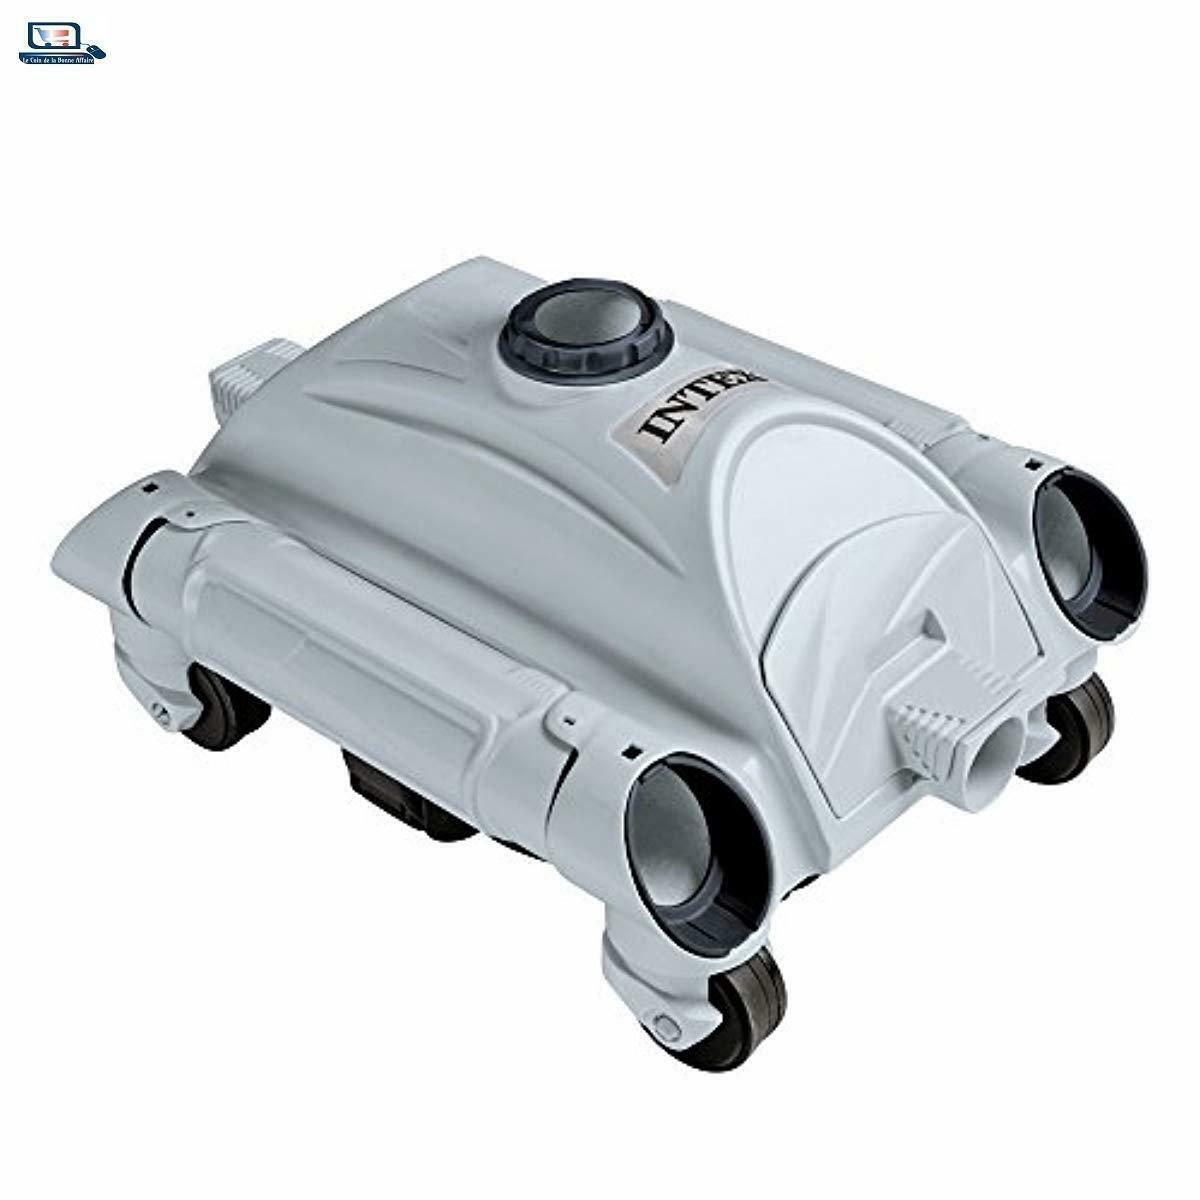 Détails Sur Intex 28001 Robot De Piscine Nettoyeur De Fond Pour Piscines  Hors-Sol Pour Filtr avec Aspirateur De Fond Pour Piscine Hors Sol